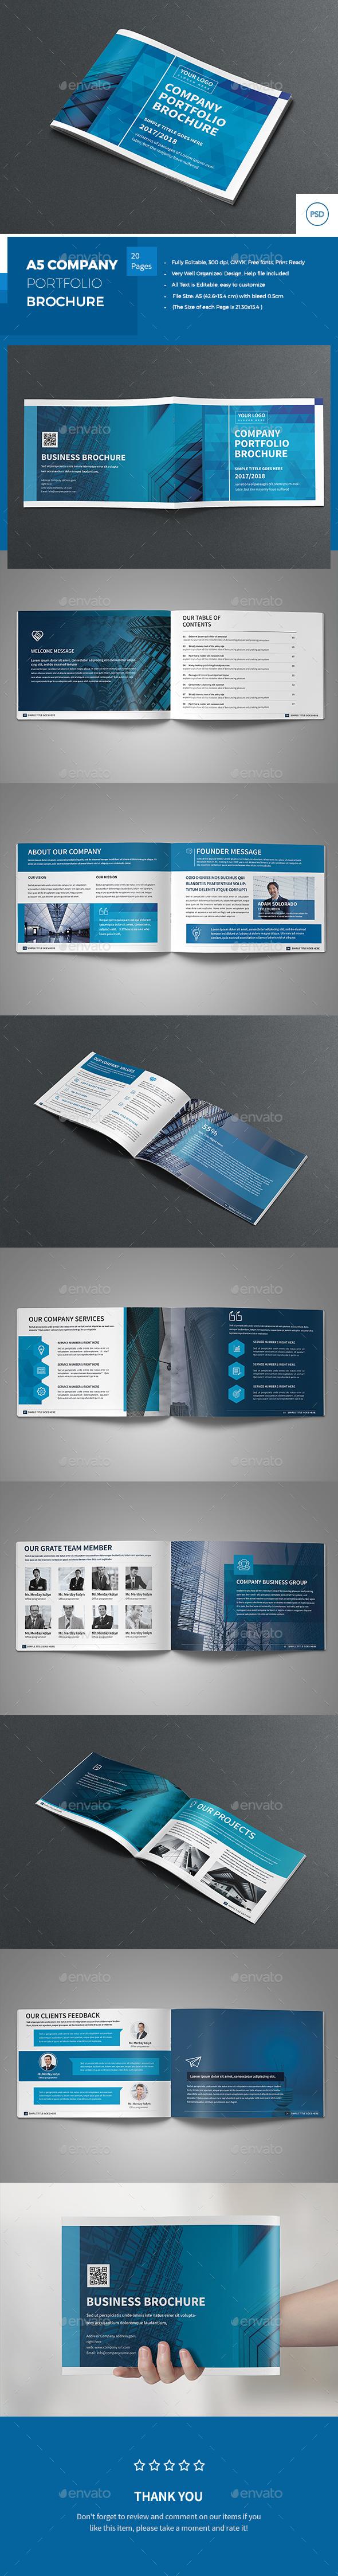 A5 Company Portfolio Brochure - Corporate Brochures